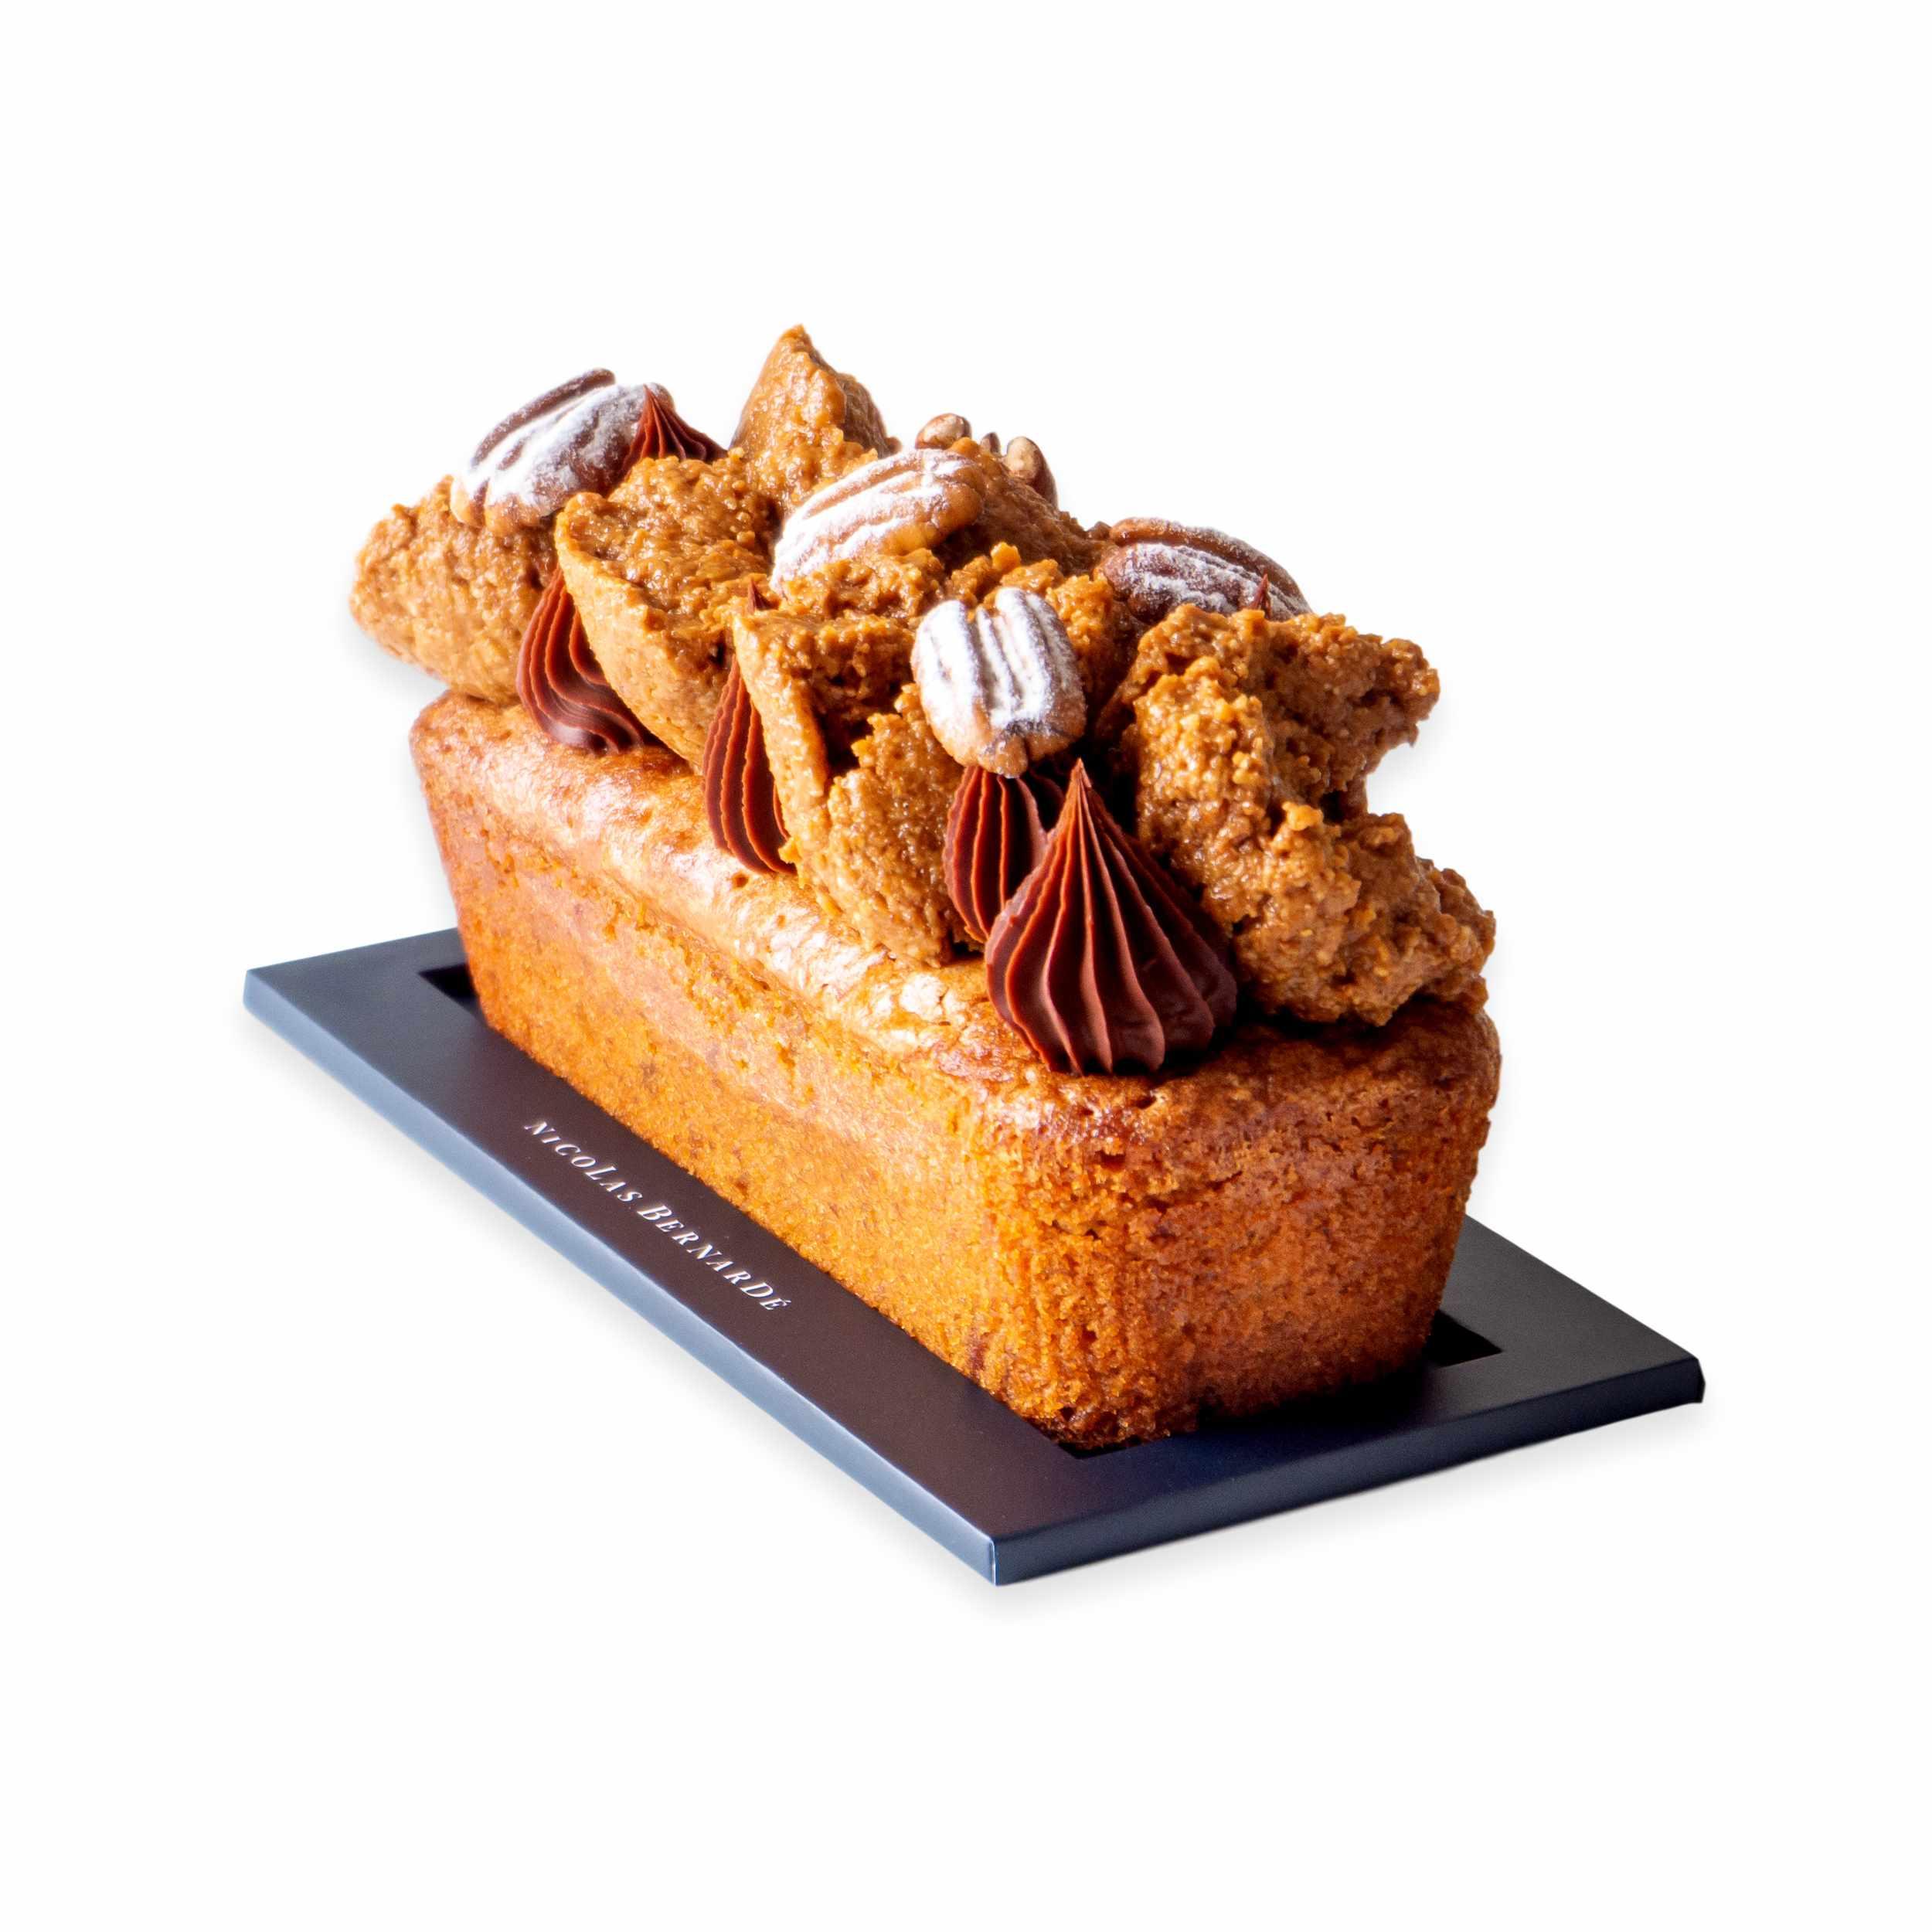 Cake-tout-croustillant-praline-pecan